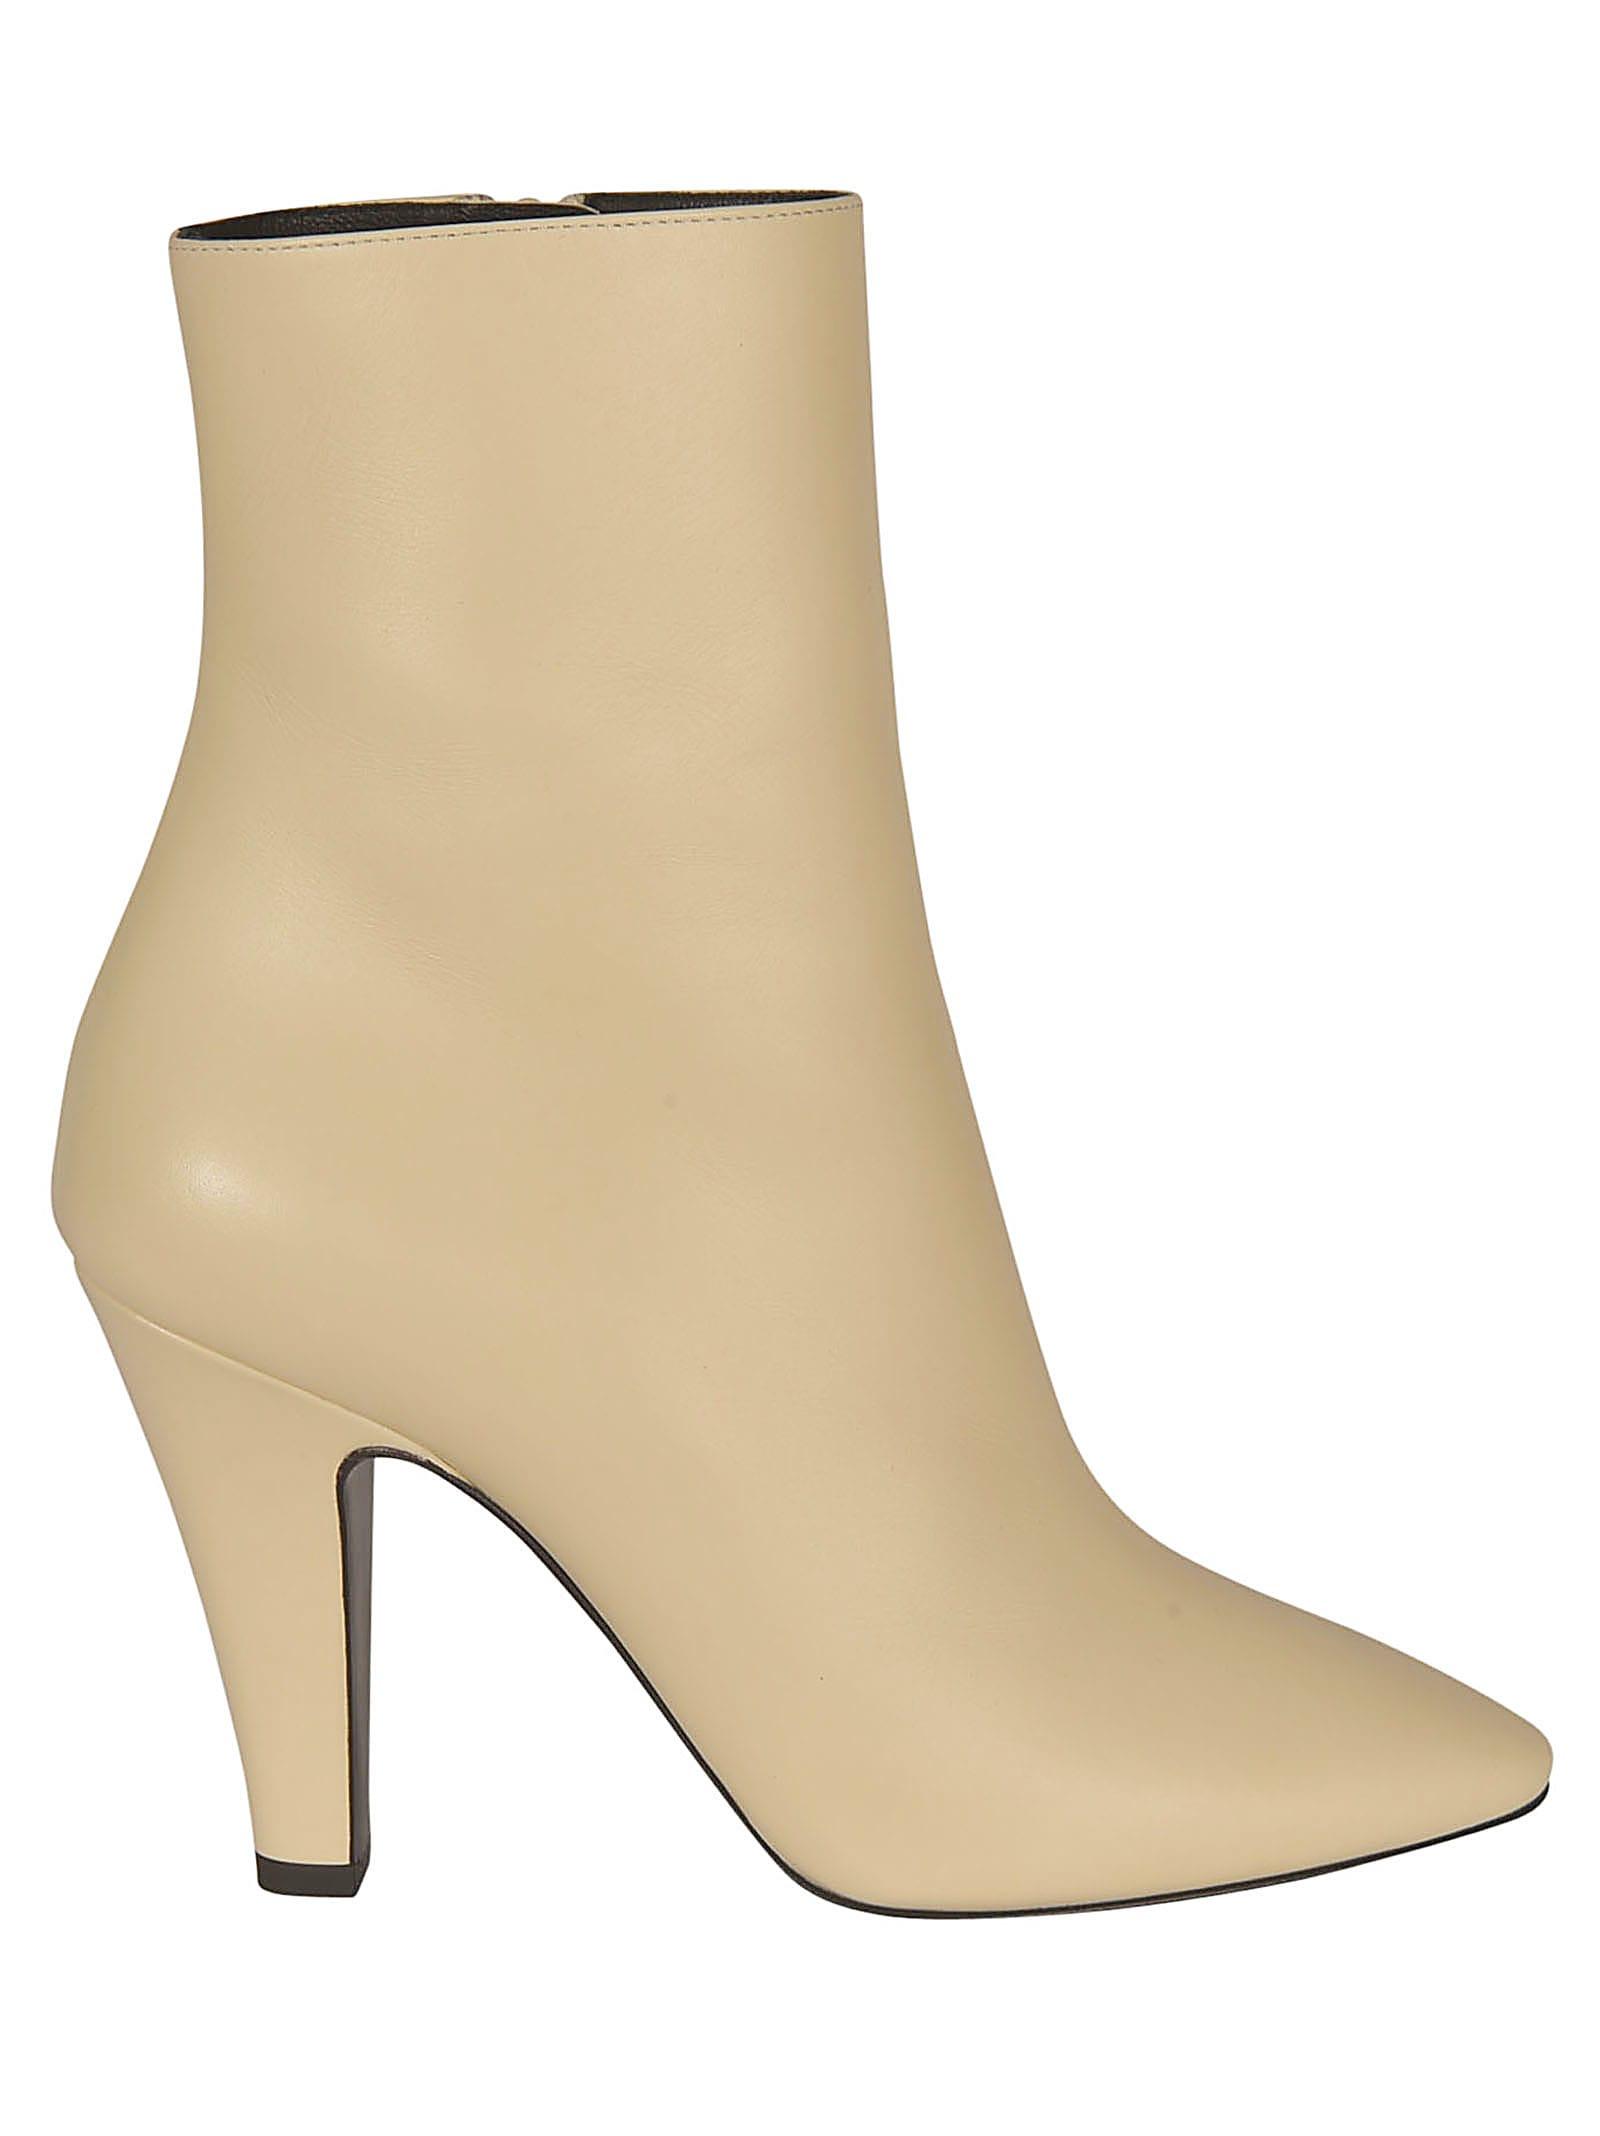 Buy Saint Laurent 68 95 Boots online, shop Saint Laurent shoes with free shipping